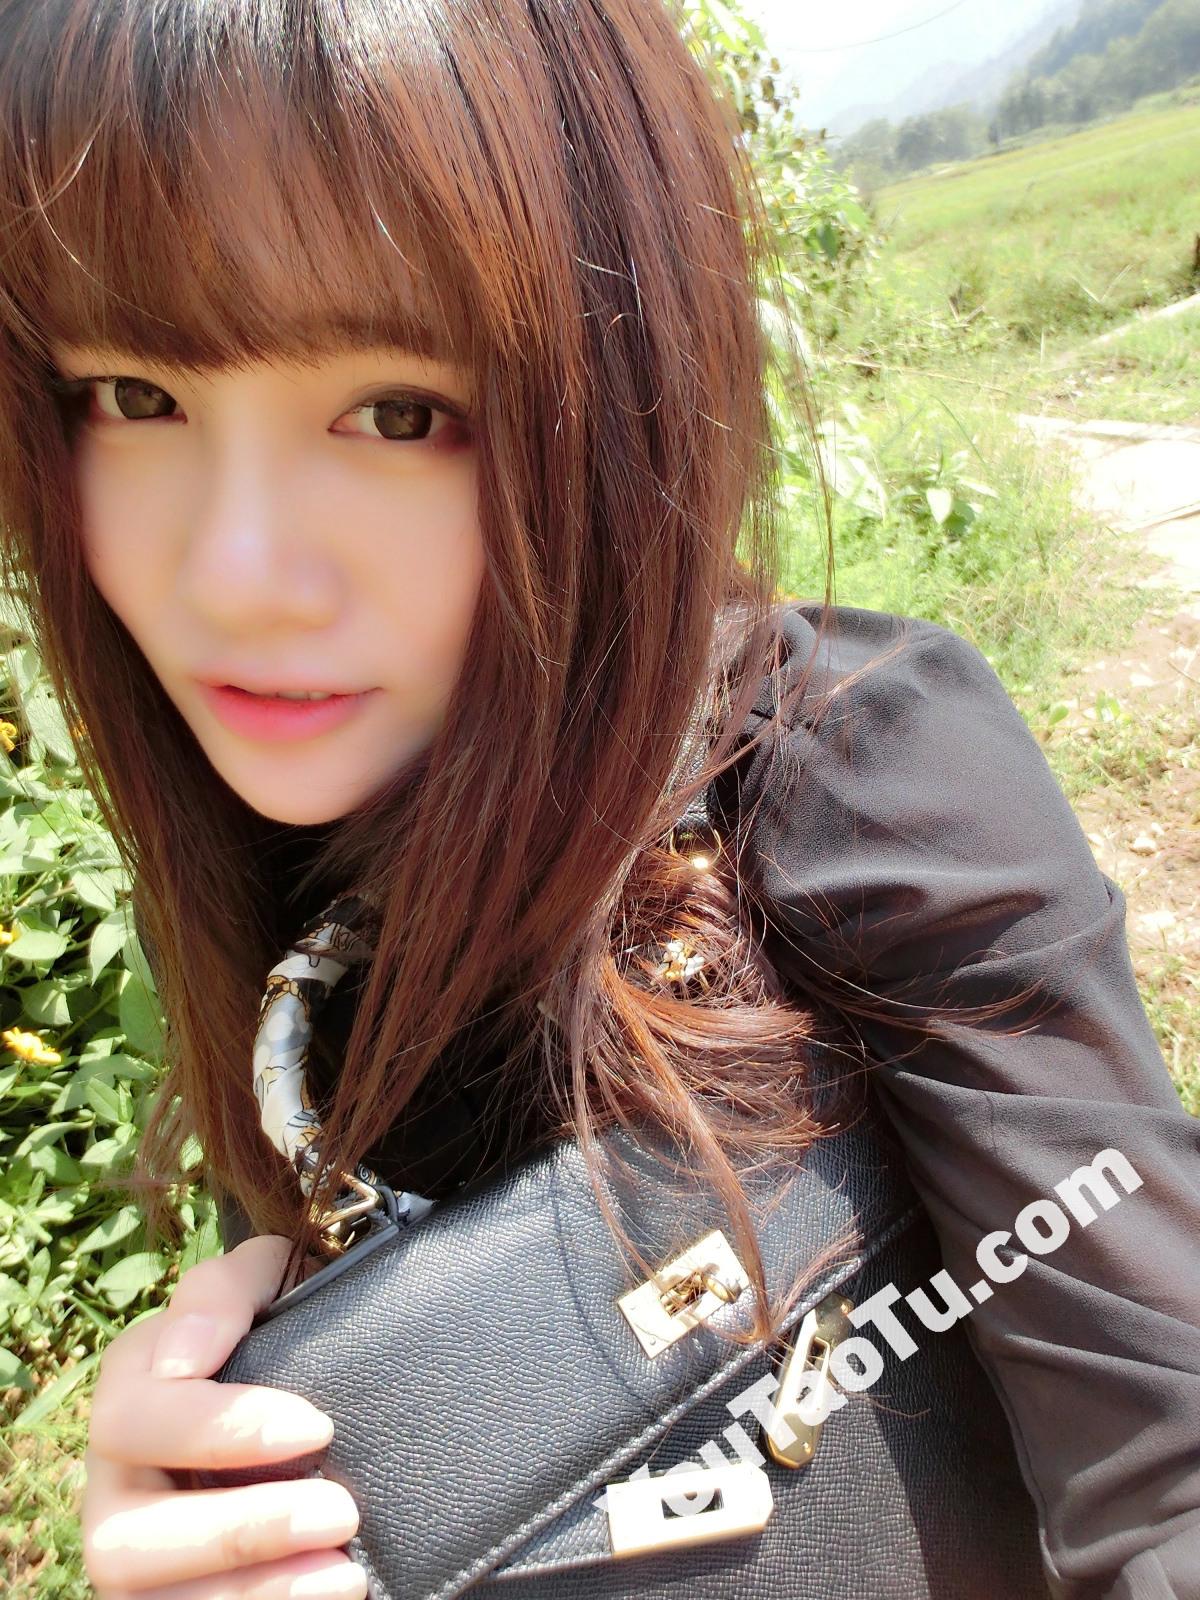 KK68_1464图+6个视频 青春可爱美女无水印高清生活照-7